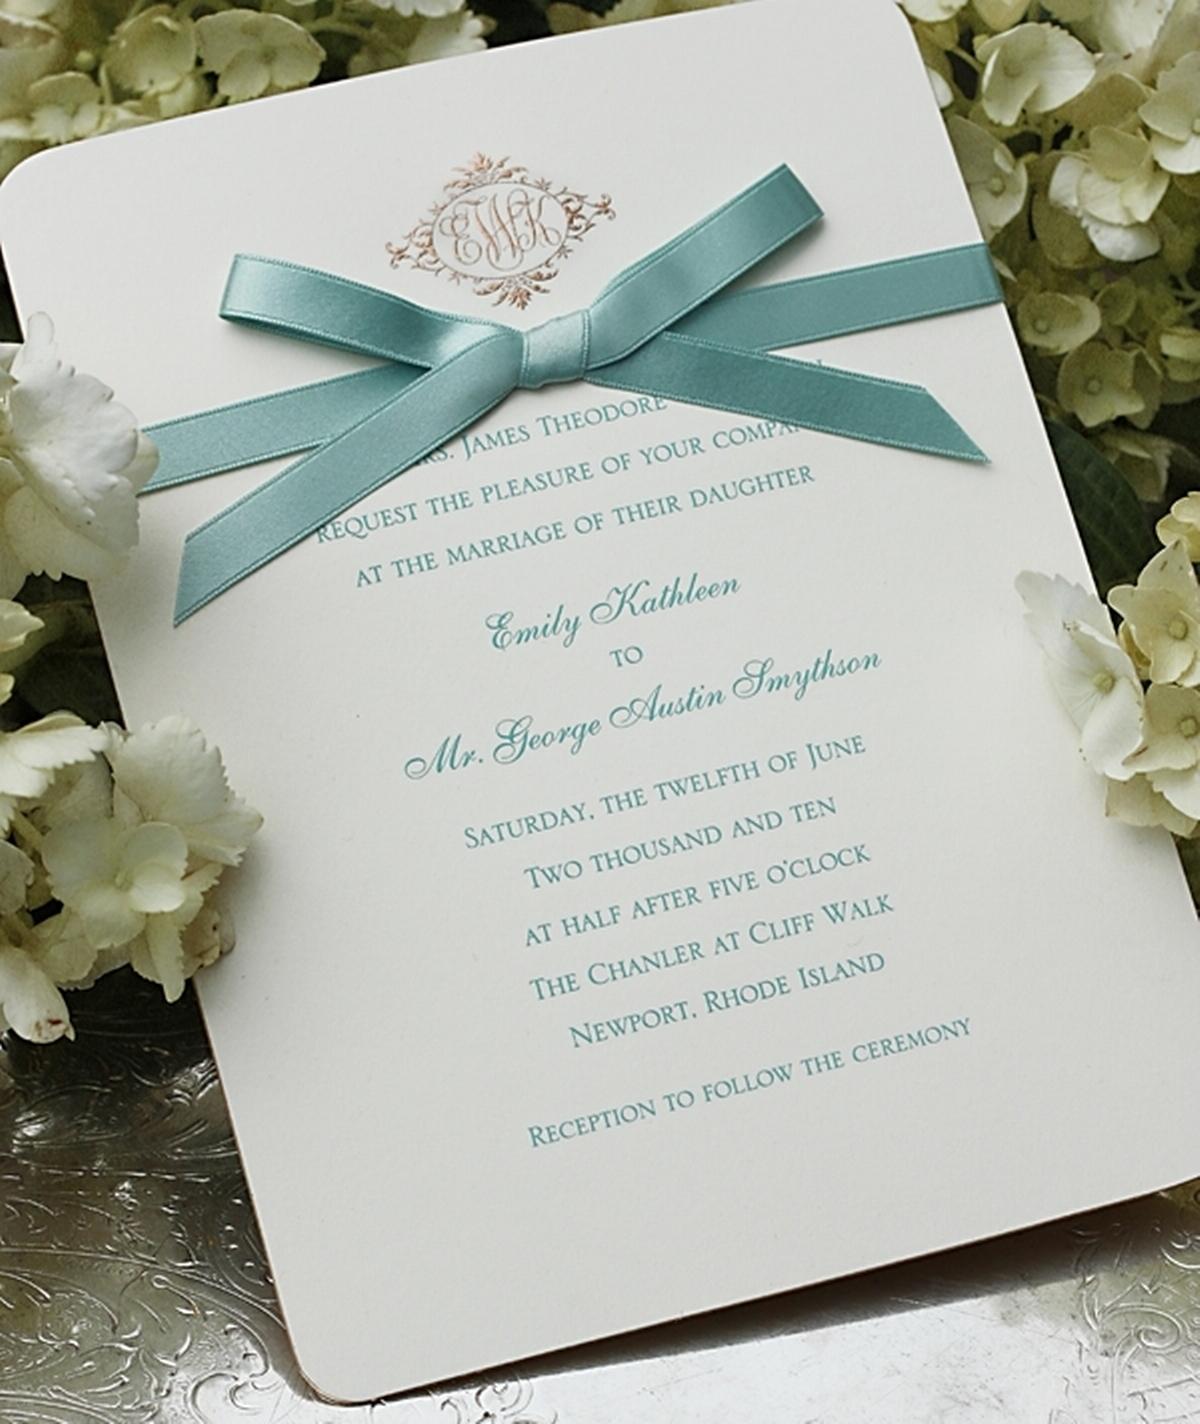 Thermography Invitation was beautiful invitation design